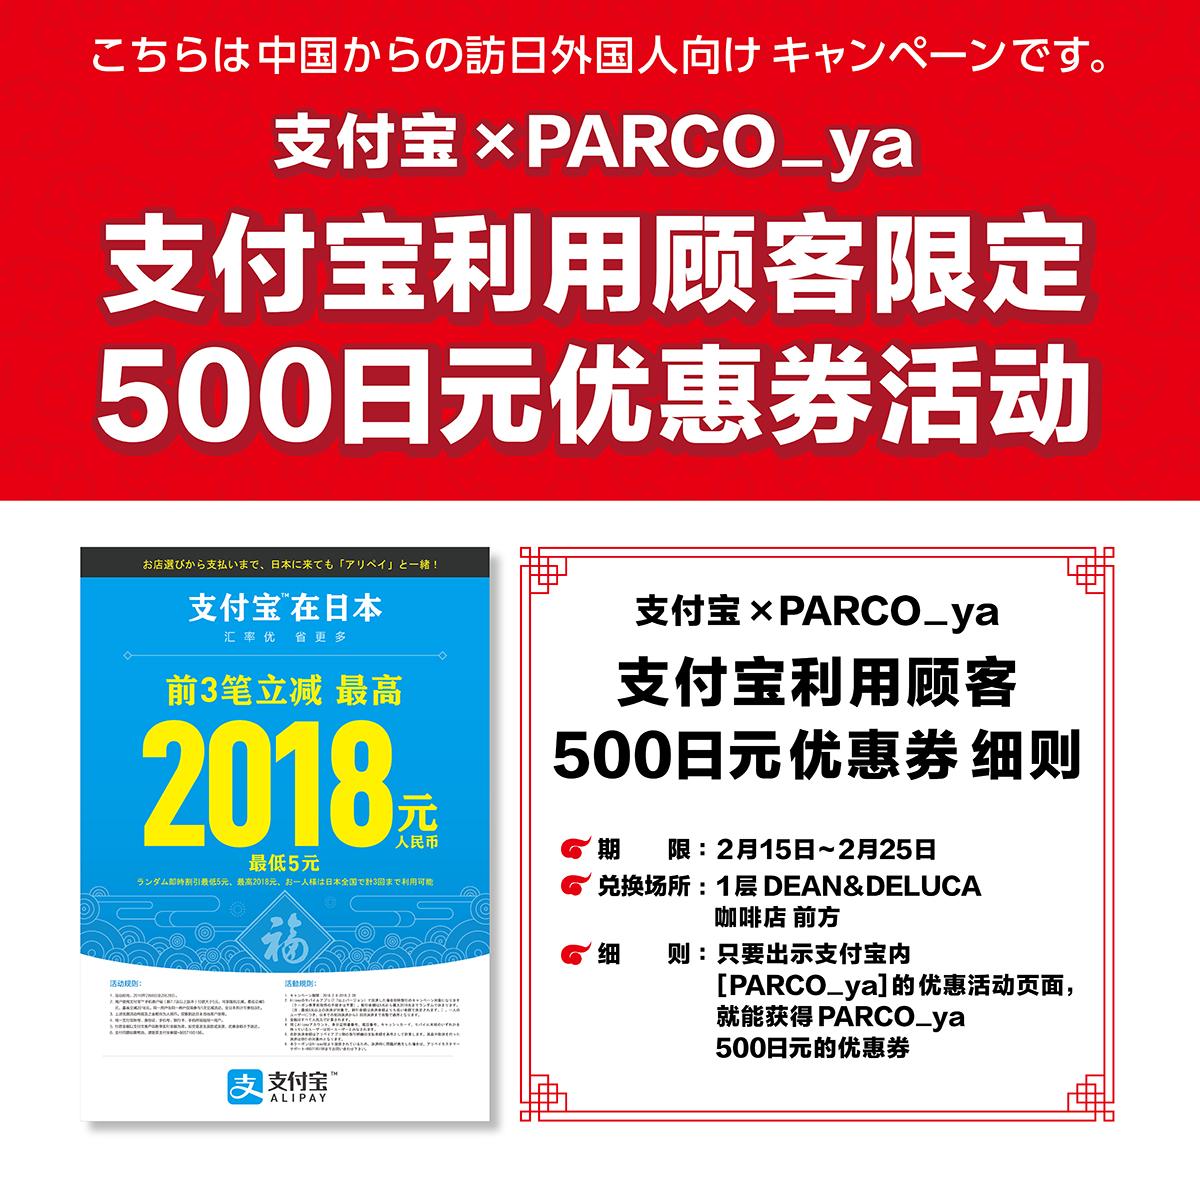 支付宝×PARCO_ya  支付宝利用顾客限定 500日元优惠券活动